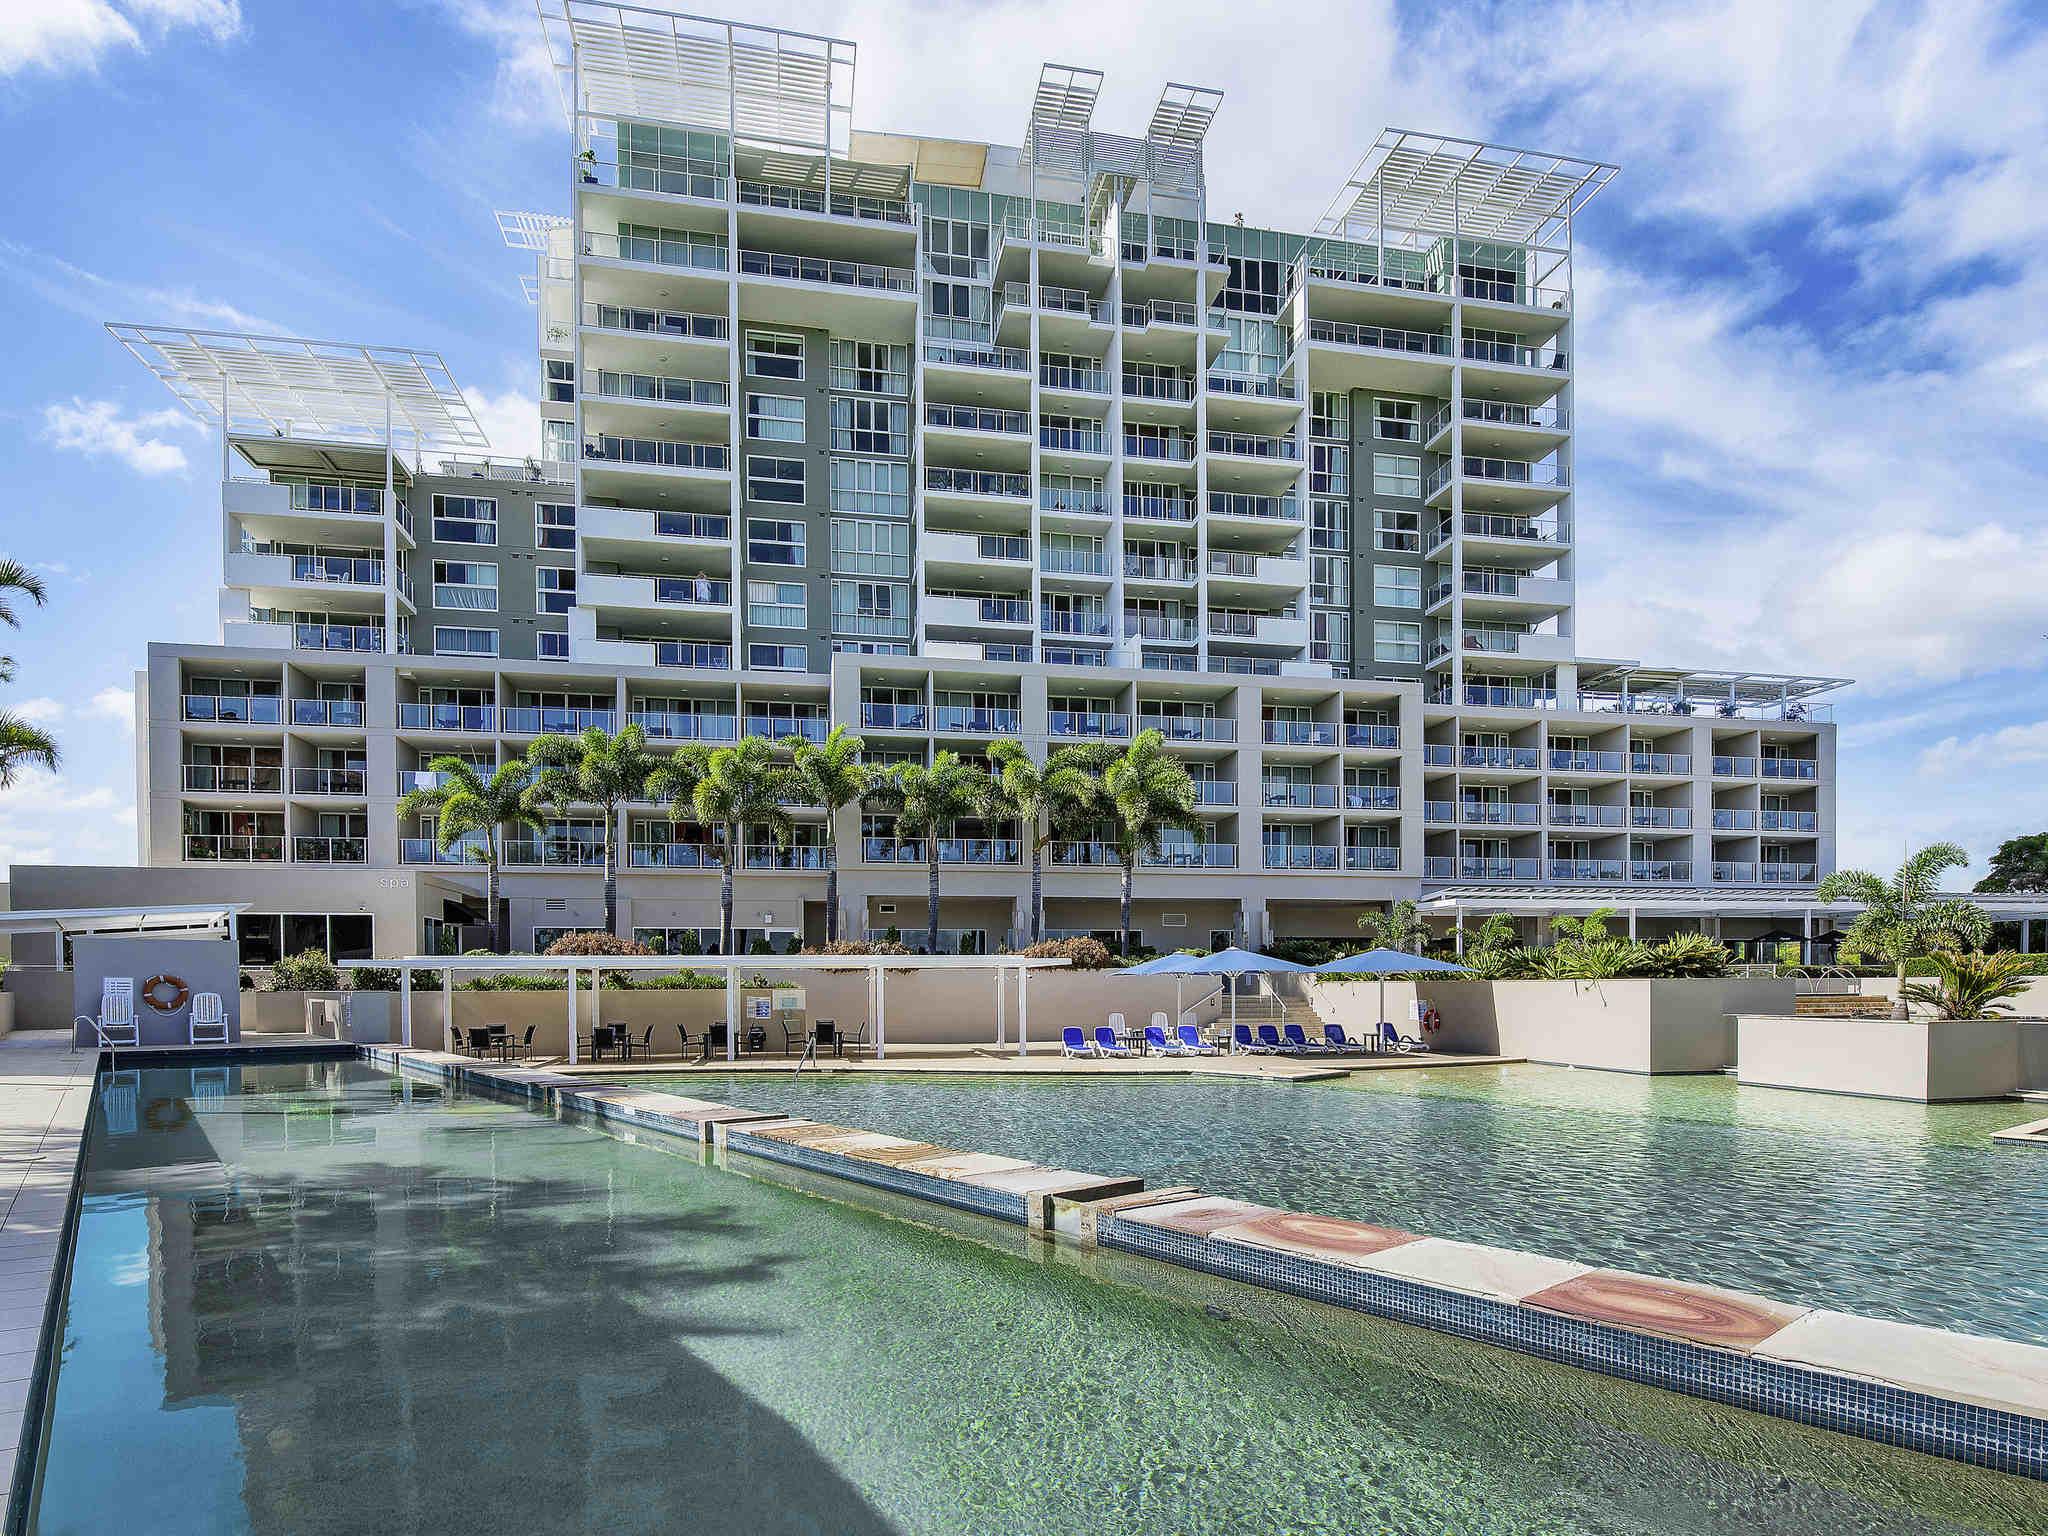 Hôtel - The Sebel Pelican Waters Resort